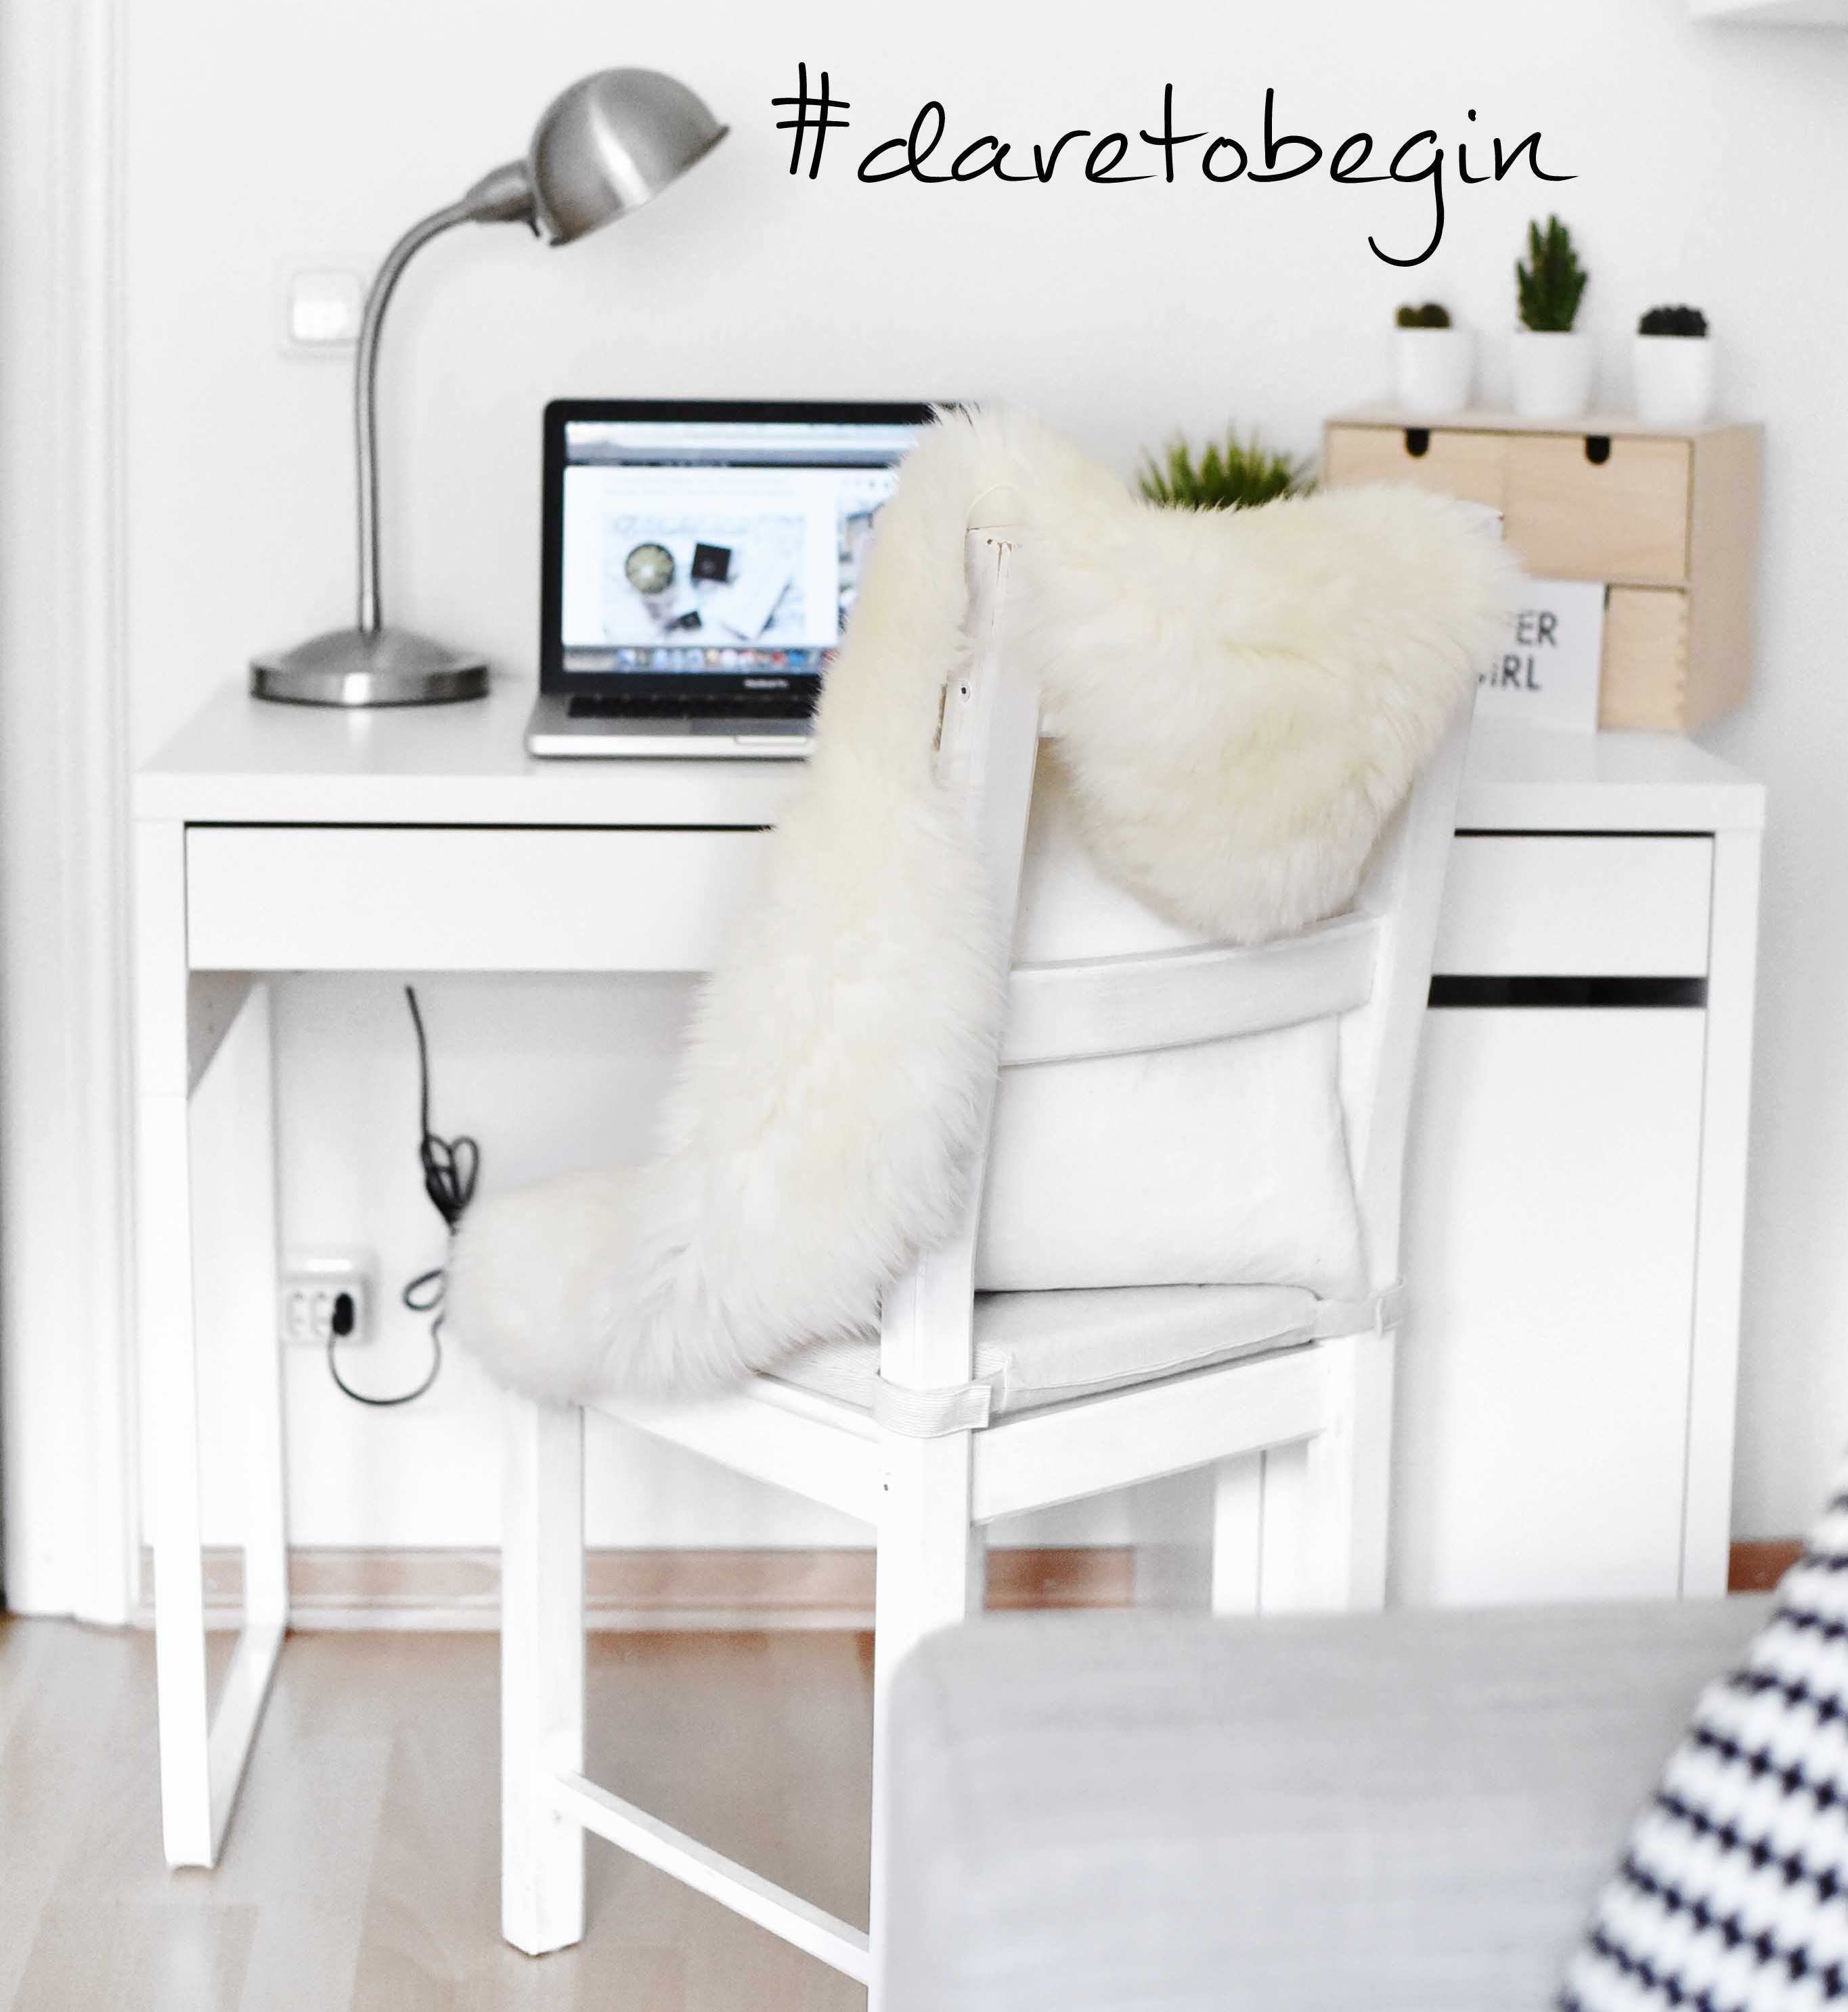 Fashionbloggermünchen-fashionblogger-blogger-fashionblog-münchen-munich-fashion-outfit-mode-style-streetstyle-bloggerstreetstyle-fashiioncarpet-fashiioncarpet-look-ootd-fashionblogdeutschland-deutscherfashionblogger-fashionbloggergermany-germanblogger-fashionbloggerdeutschland-deutschland-fashionblogger-layering- Deutschland-fashionbloggerdeutschland-Fashionbloggermünchen-fashionblogger-blogger-fashionblog-münchen-munich-fashion-outfit-mode-style-streetstyle-bloggerstreetstyle-fashiioncarpet-fashiioncarpet-look-ootd-fashionblogdeutschland-deutscherfashionblogger-fashionbloggergermany-germanblogger-fashionbloggermany-modeblogmünchen-modebloggermany-fashionbloggerdeutschland-fashionblogger-deutschland-fashionblog-deutschland-fashionblogdeutschland-volzeit.blogge-hauptberuflich-bloggen-fulltime-blogger-arbeitsplatz-weiß